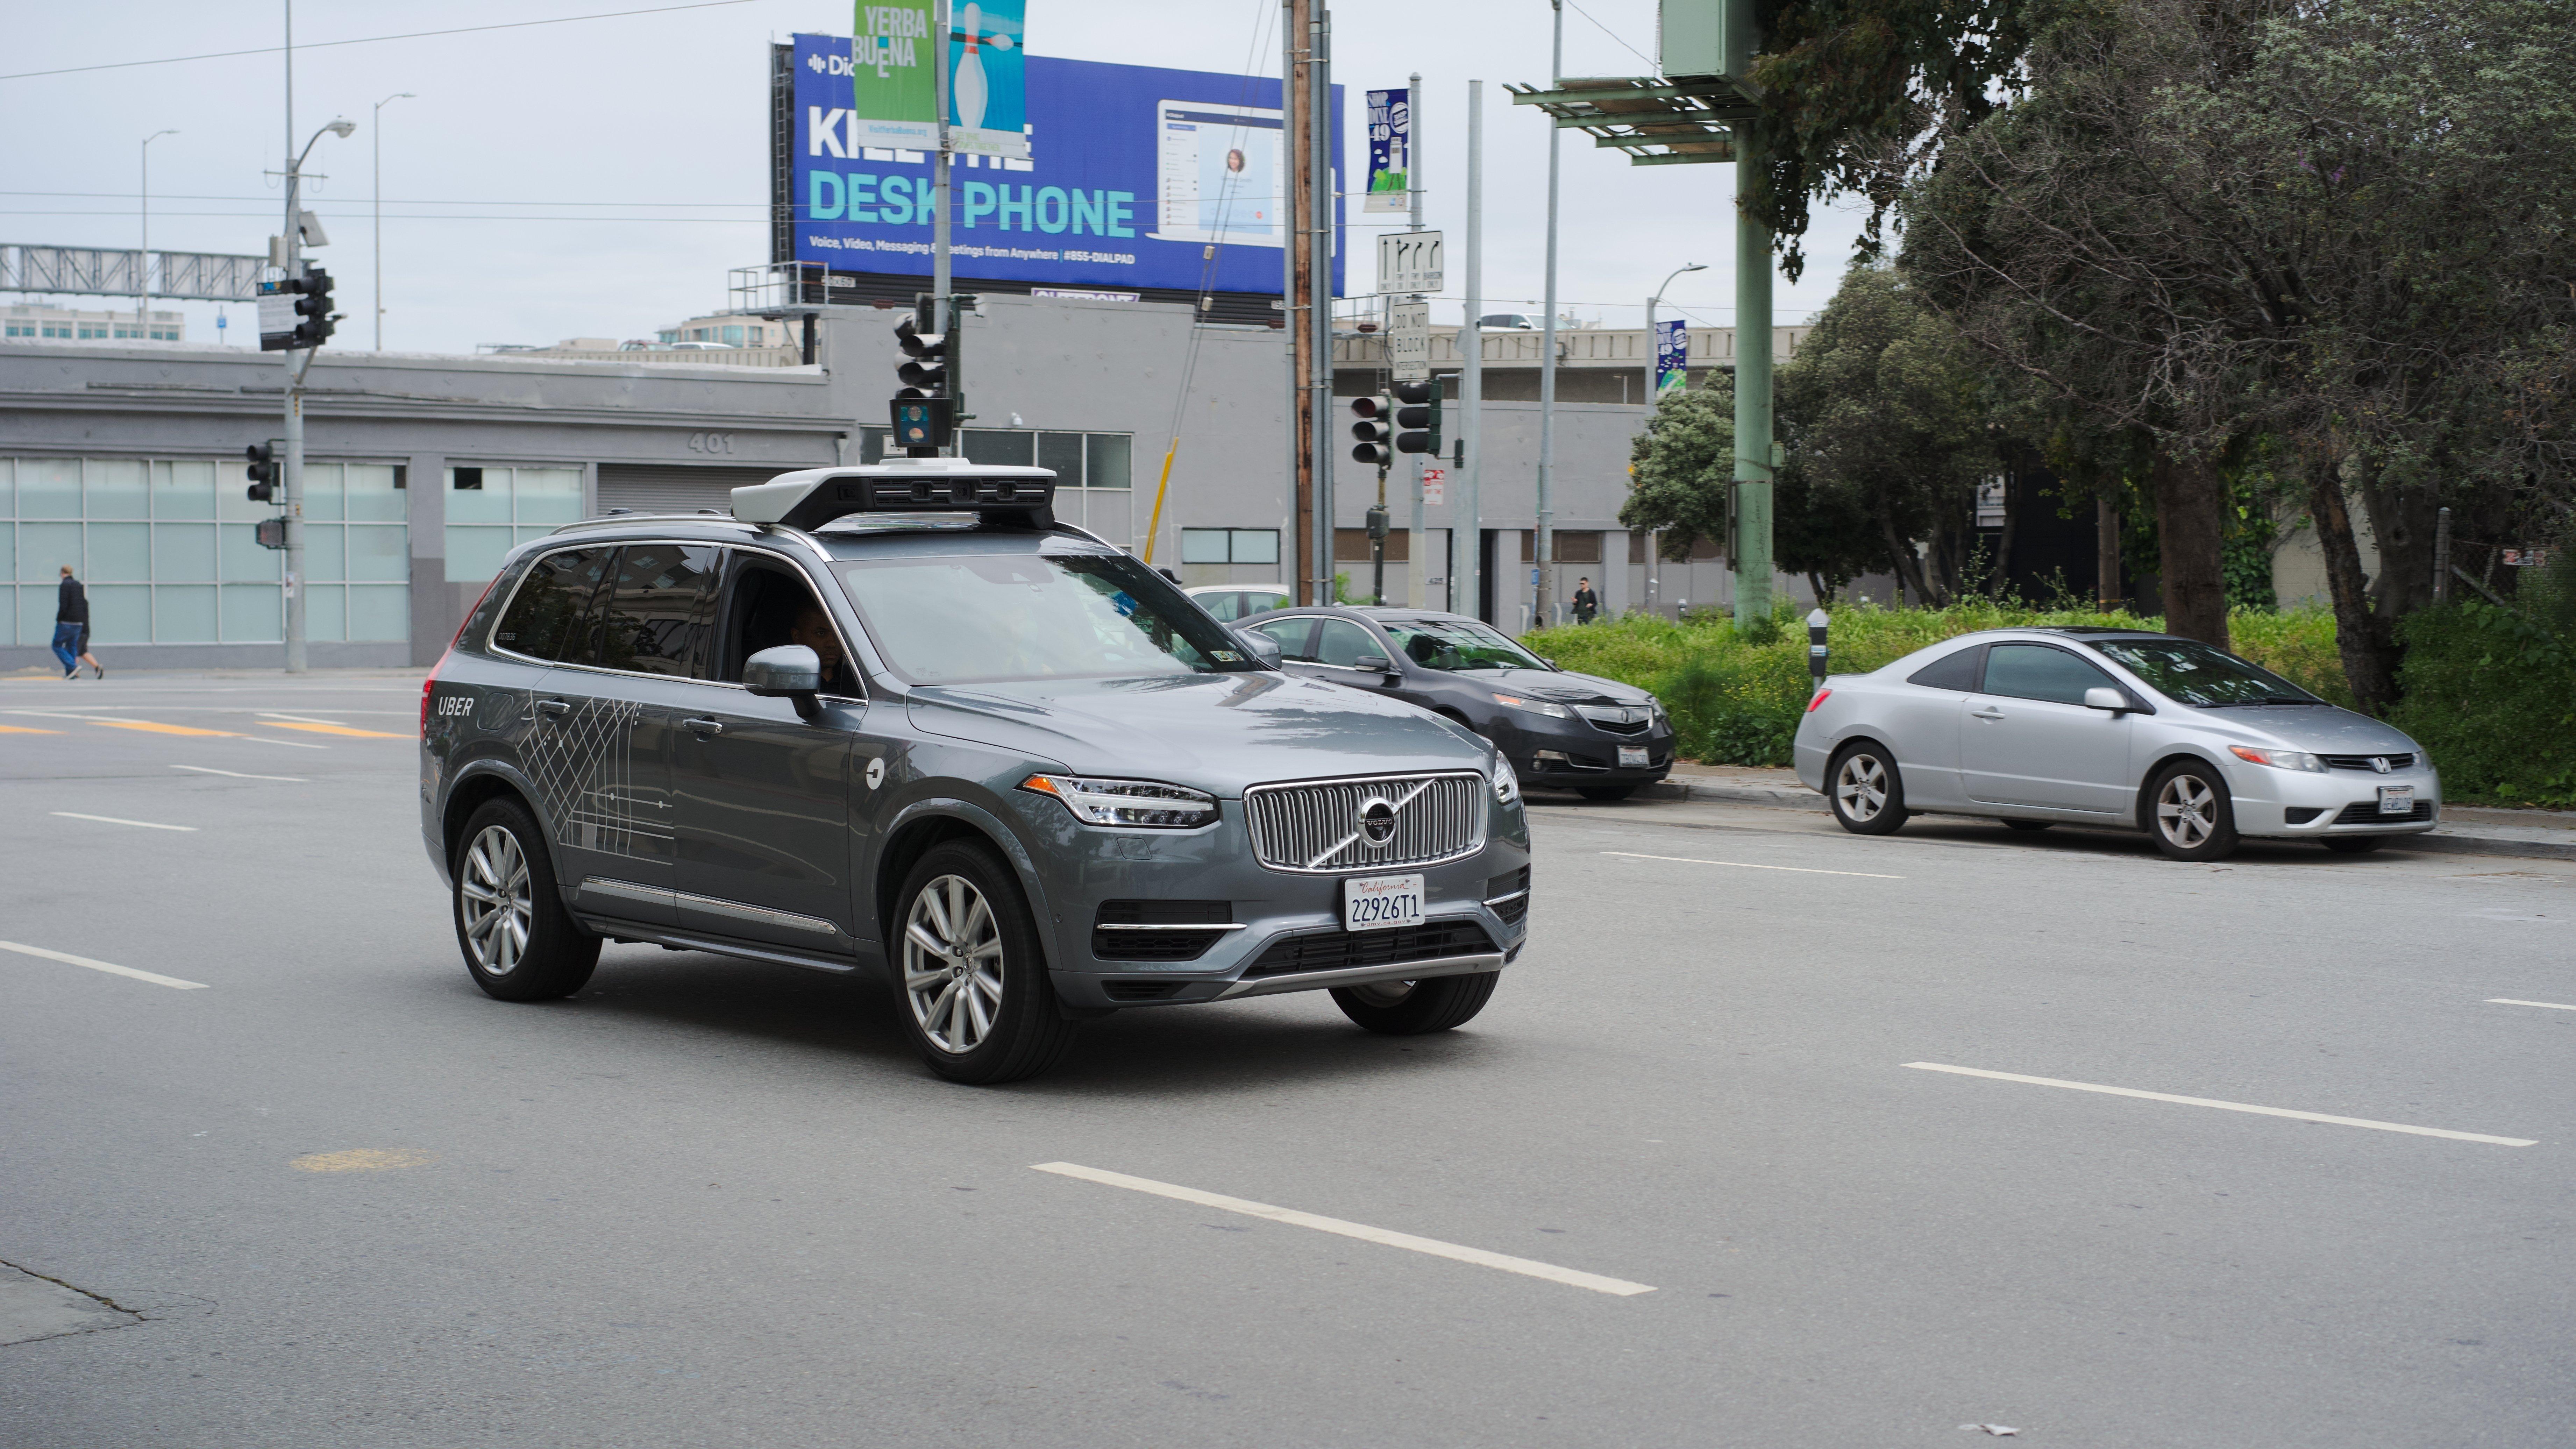 Accident mortel Uber : la victime a été détectée, mais ignorée par le système